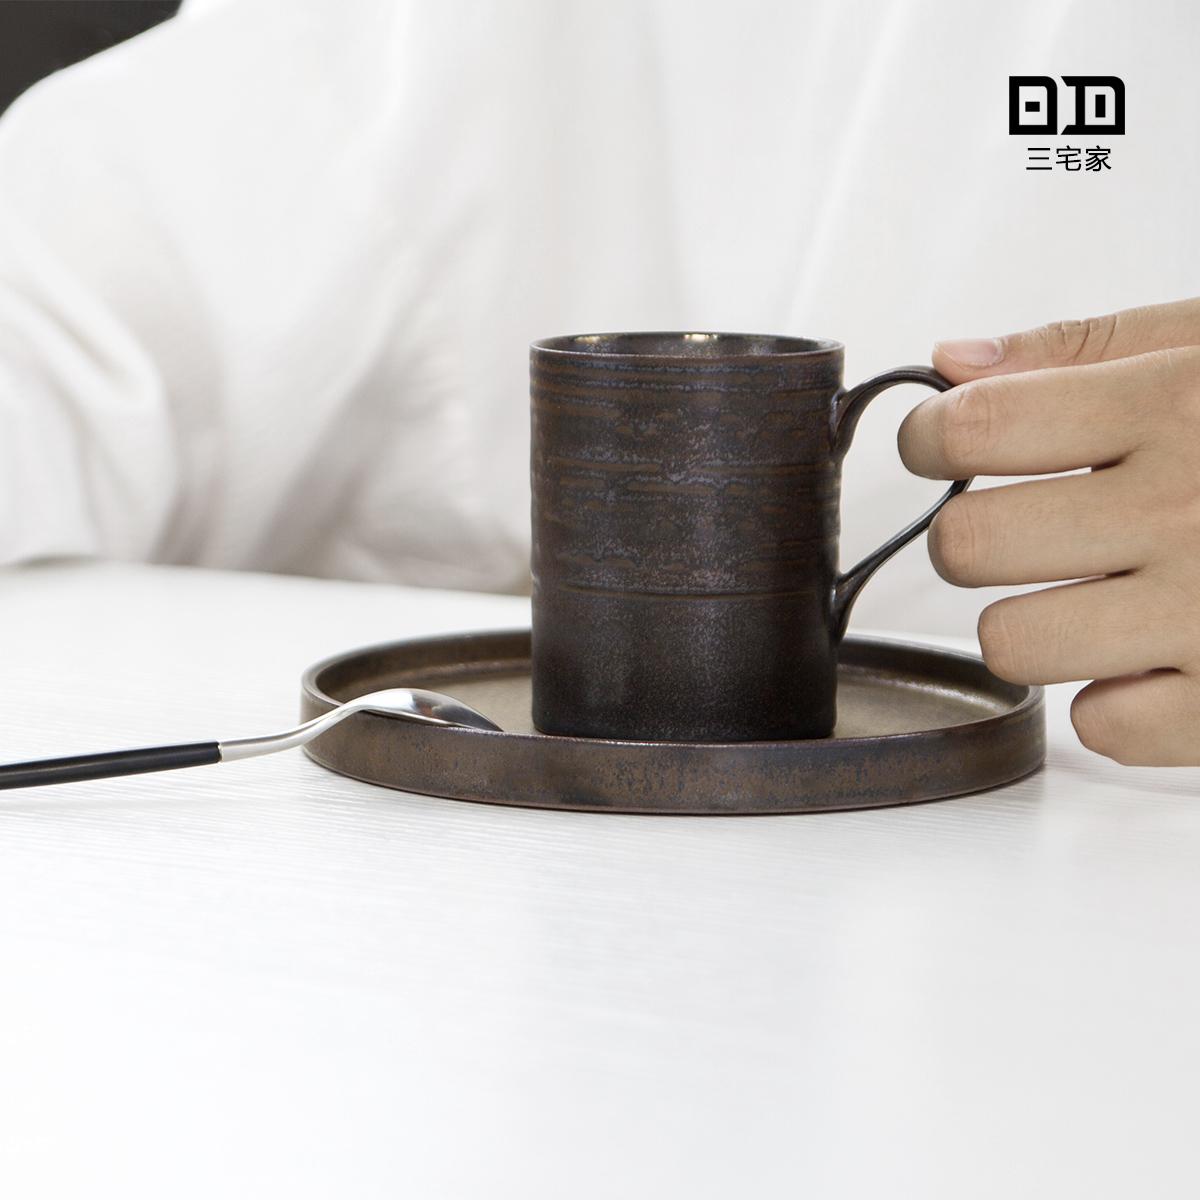 简约金属釉陶艺咖啡杯碟 卡布奇诺杯 摩卡杯 設計師手工小资杯